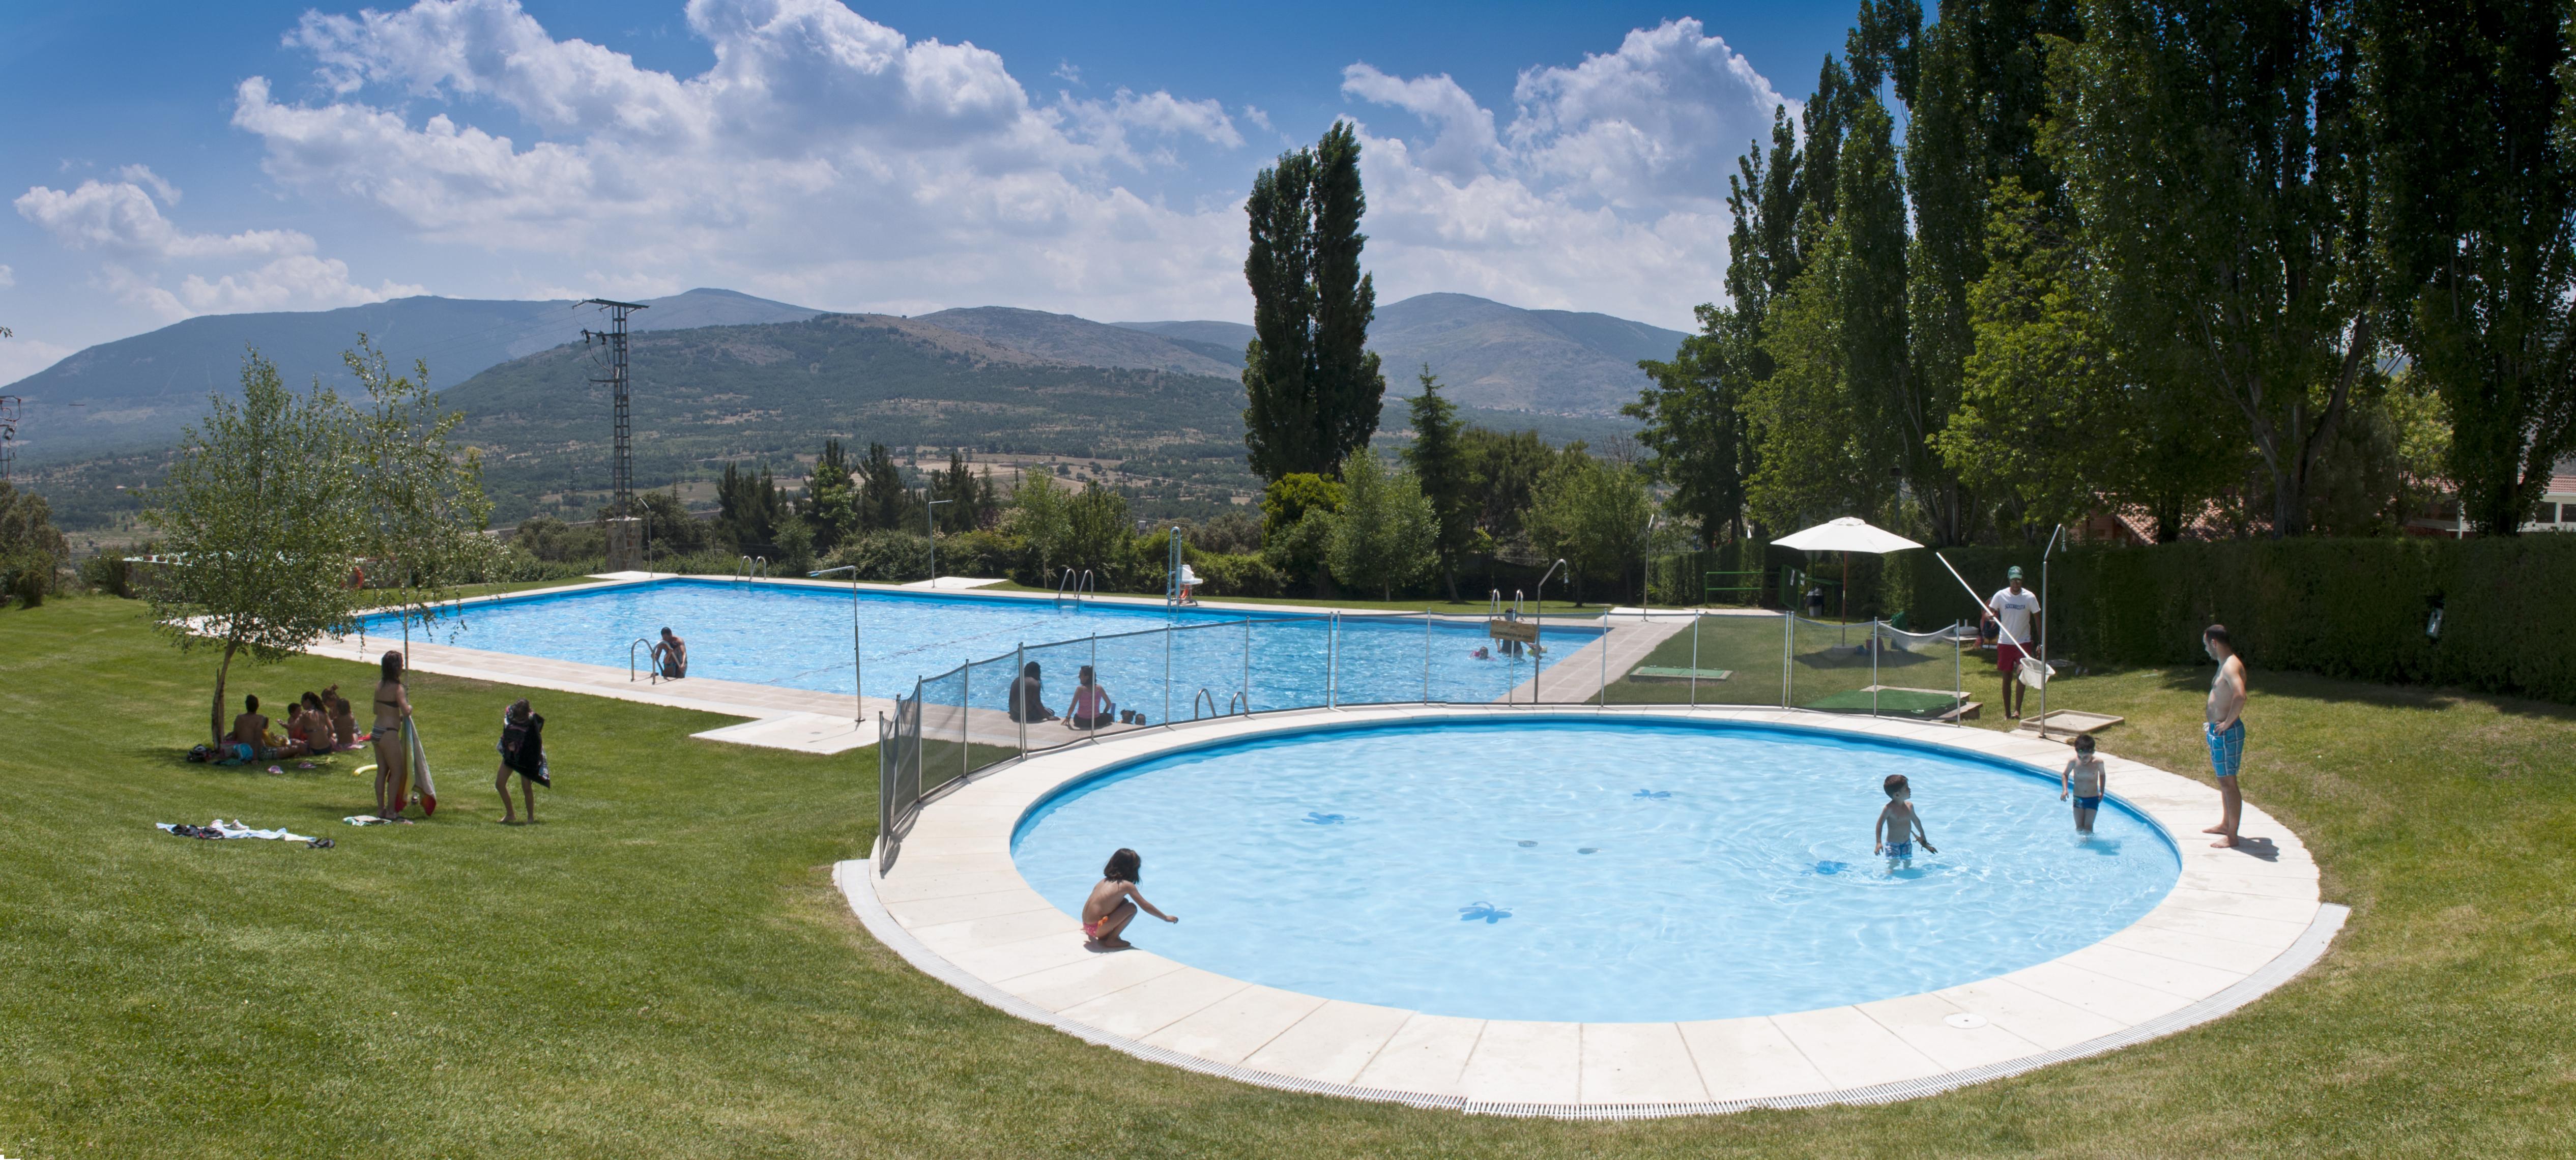 Caba as en los rboles en madrid gu a de la madre moderna for Camping con piscina climatizada en tarragona